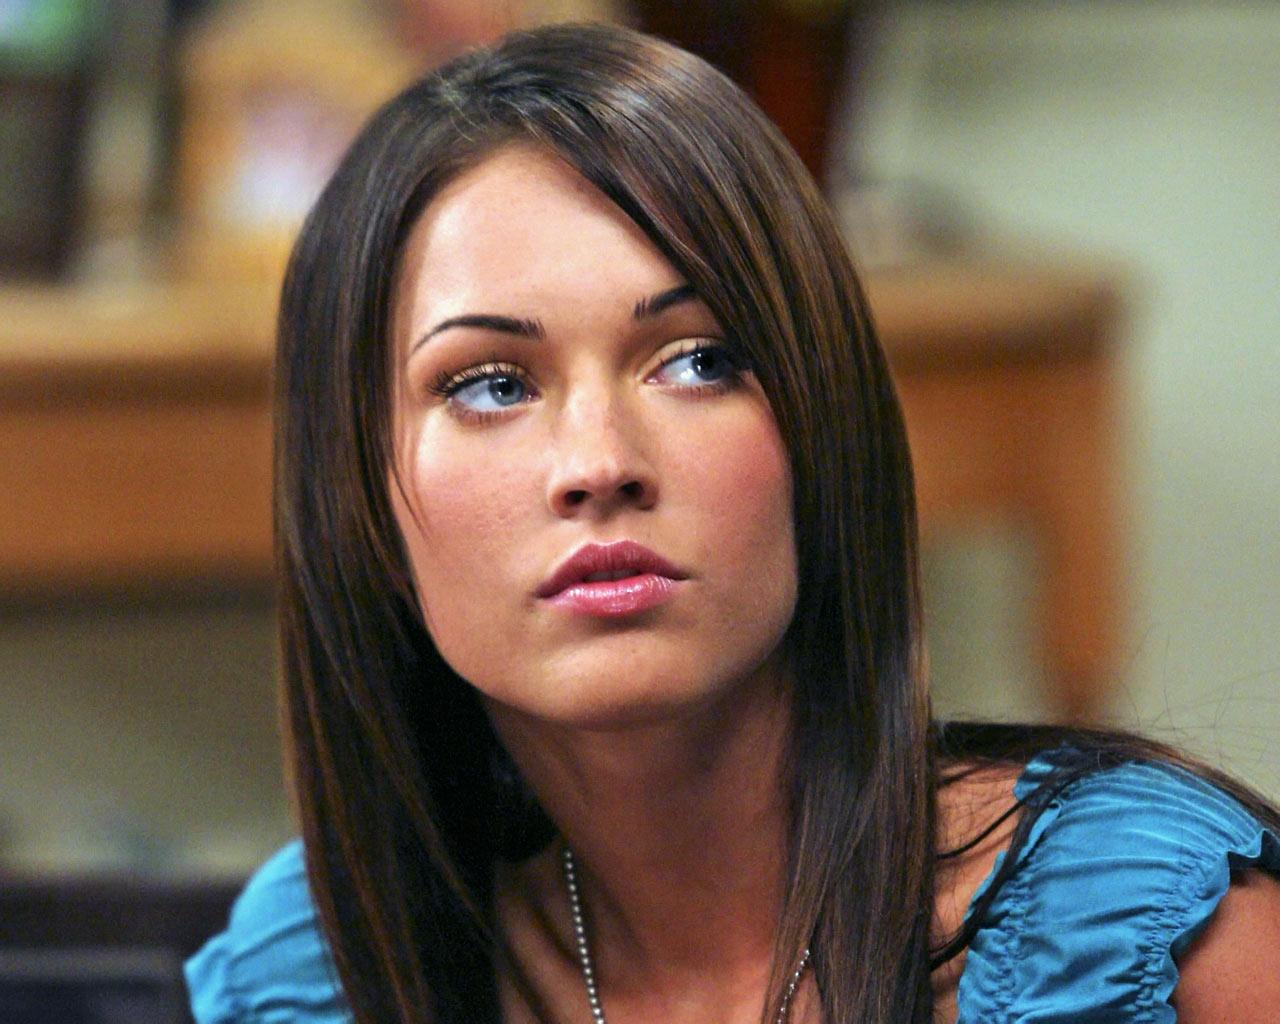 http://4.bp.blogspot.com/-5x4BB0A1BpA/Th8CobTEg6I/AAAAAAAAAcA/EwwyFda-YXY/s1600/Megan-Fox_4.jpg